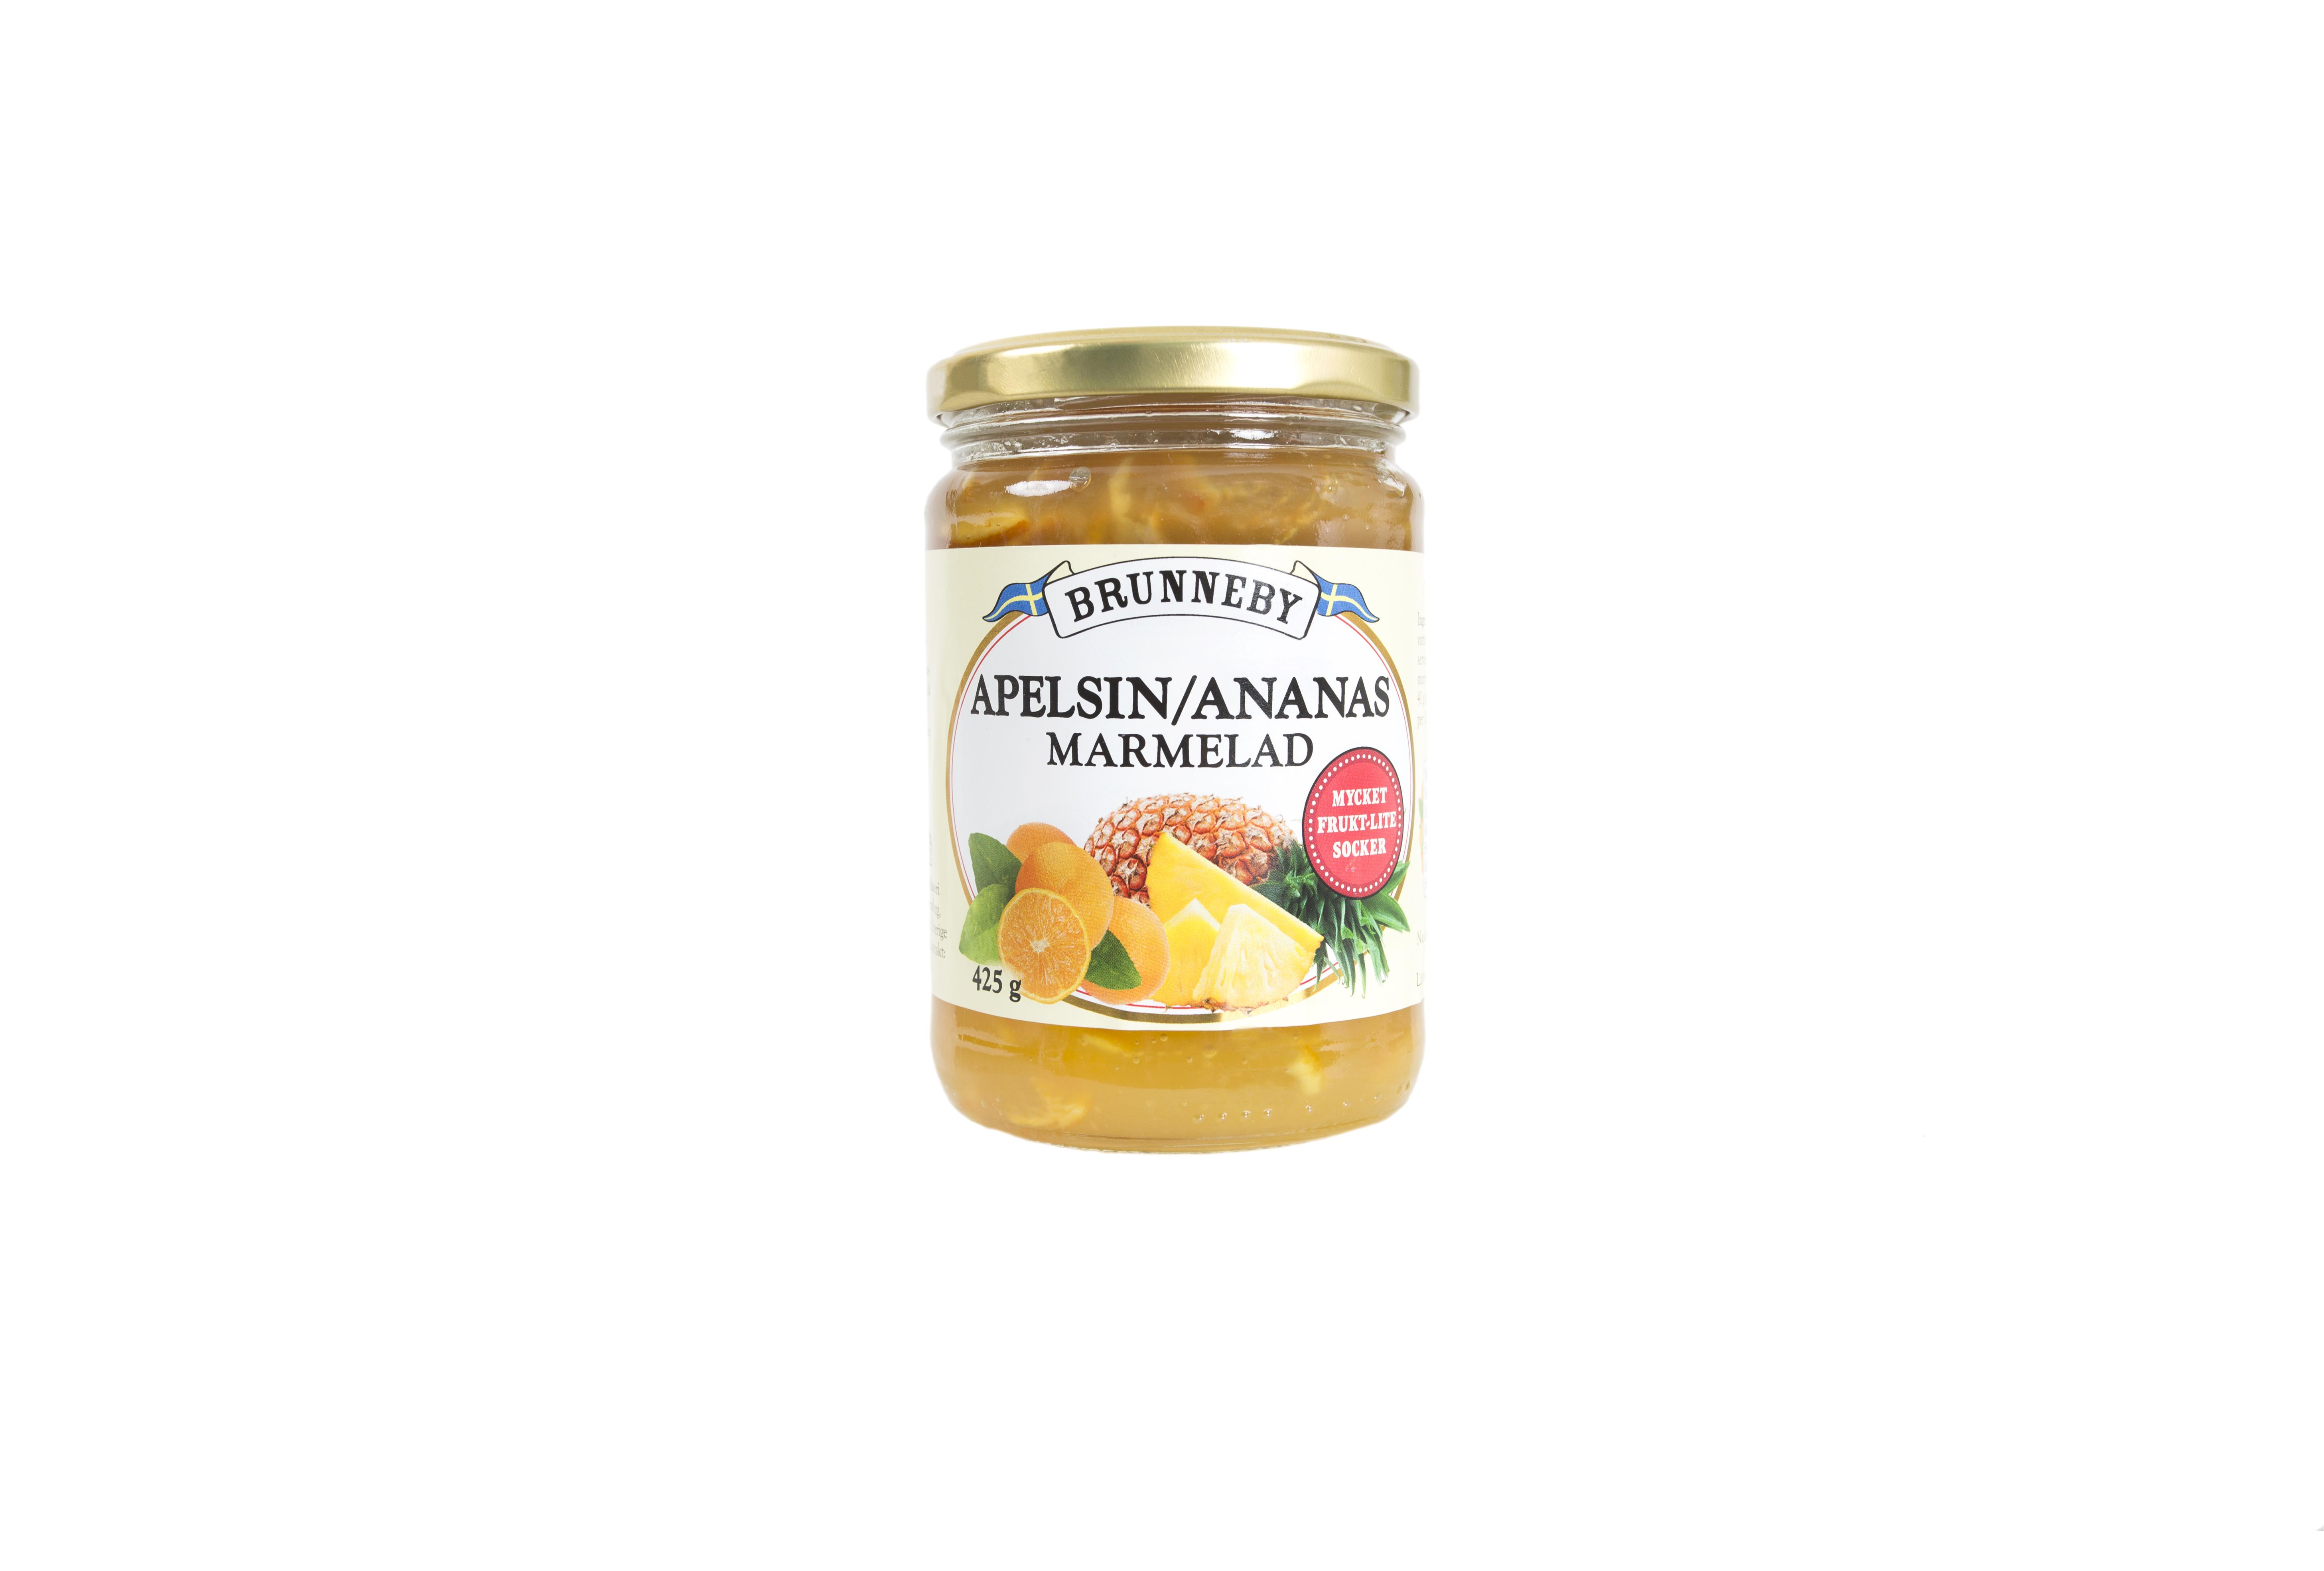 Högupplöst bild på Apelsin och ananasmarmelad i 425g burk.